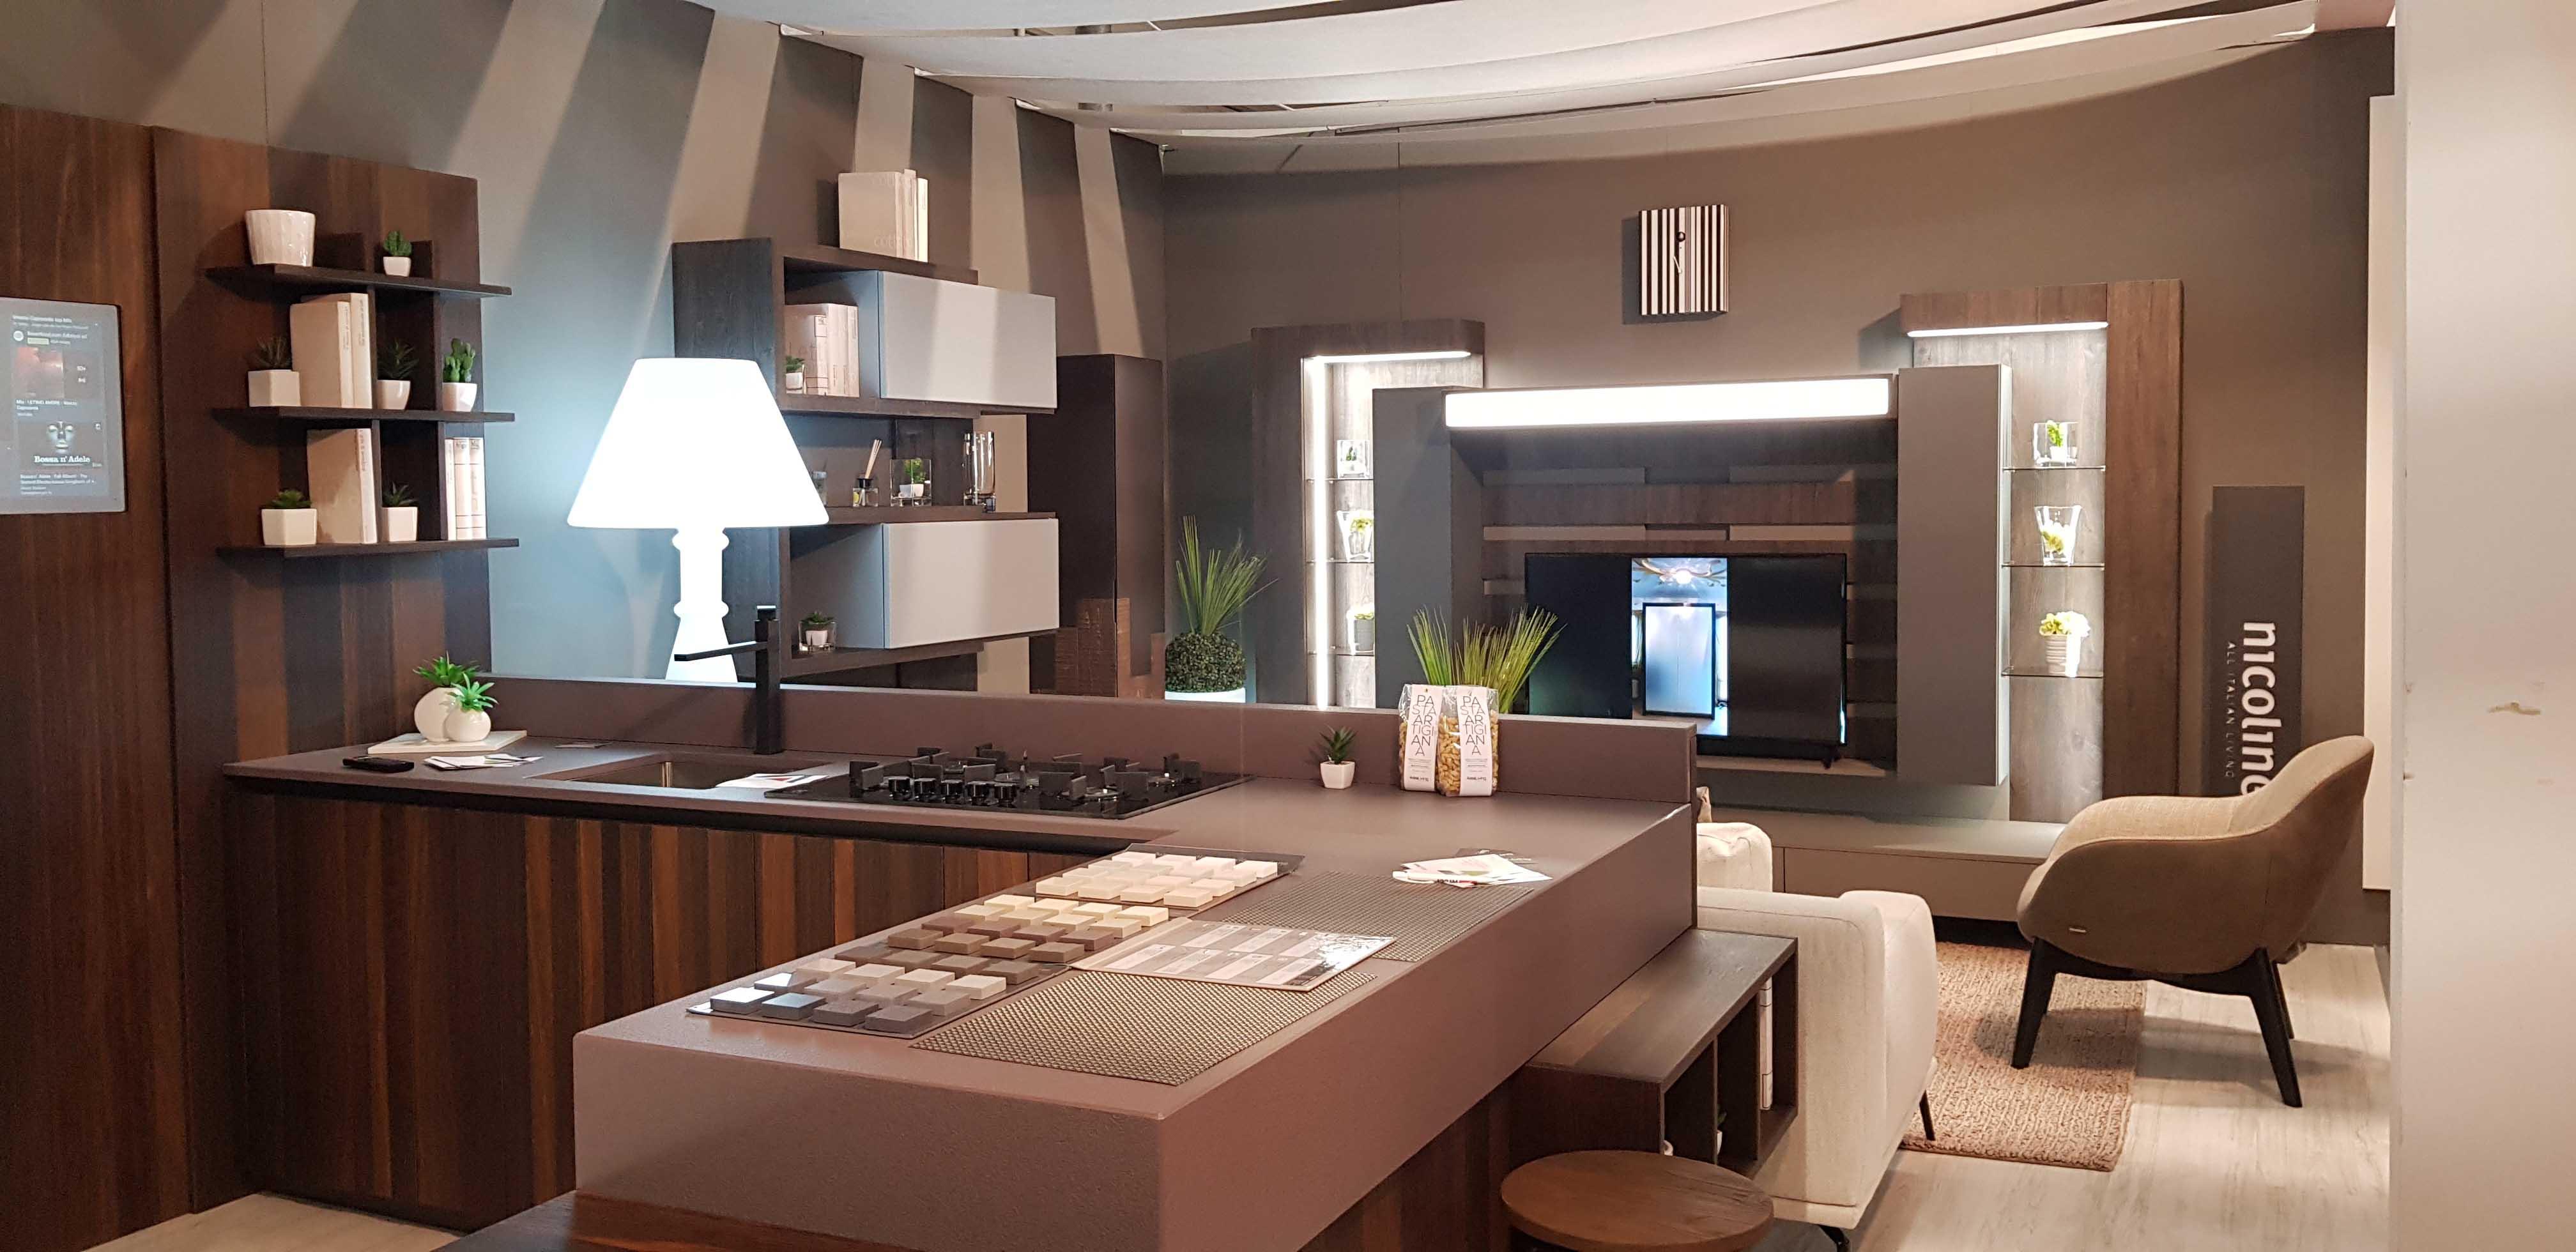 Cucine Componibili Matera.Home Area Living